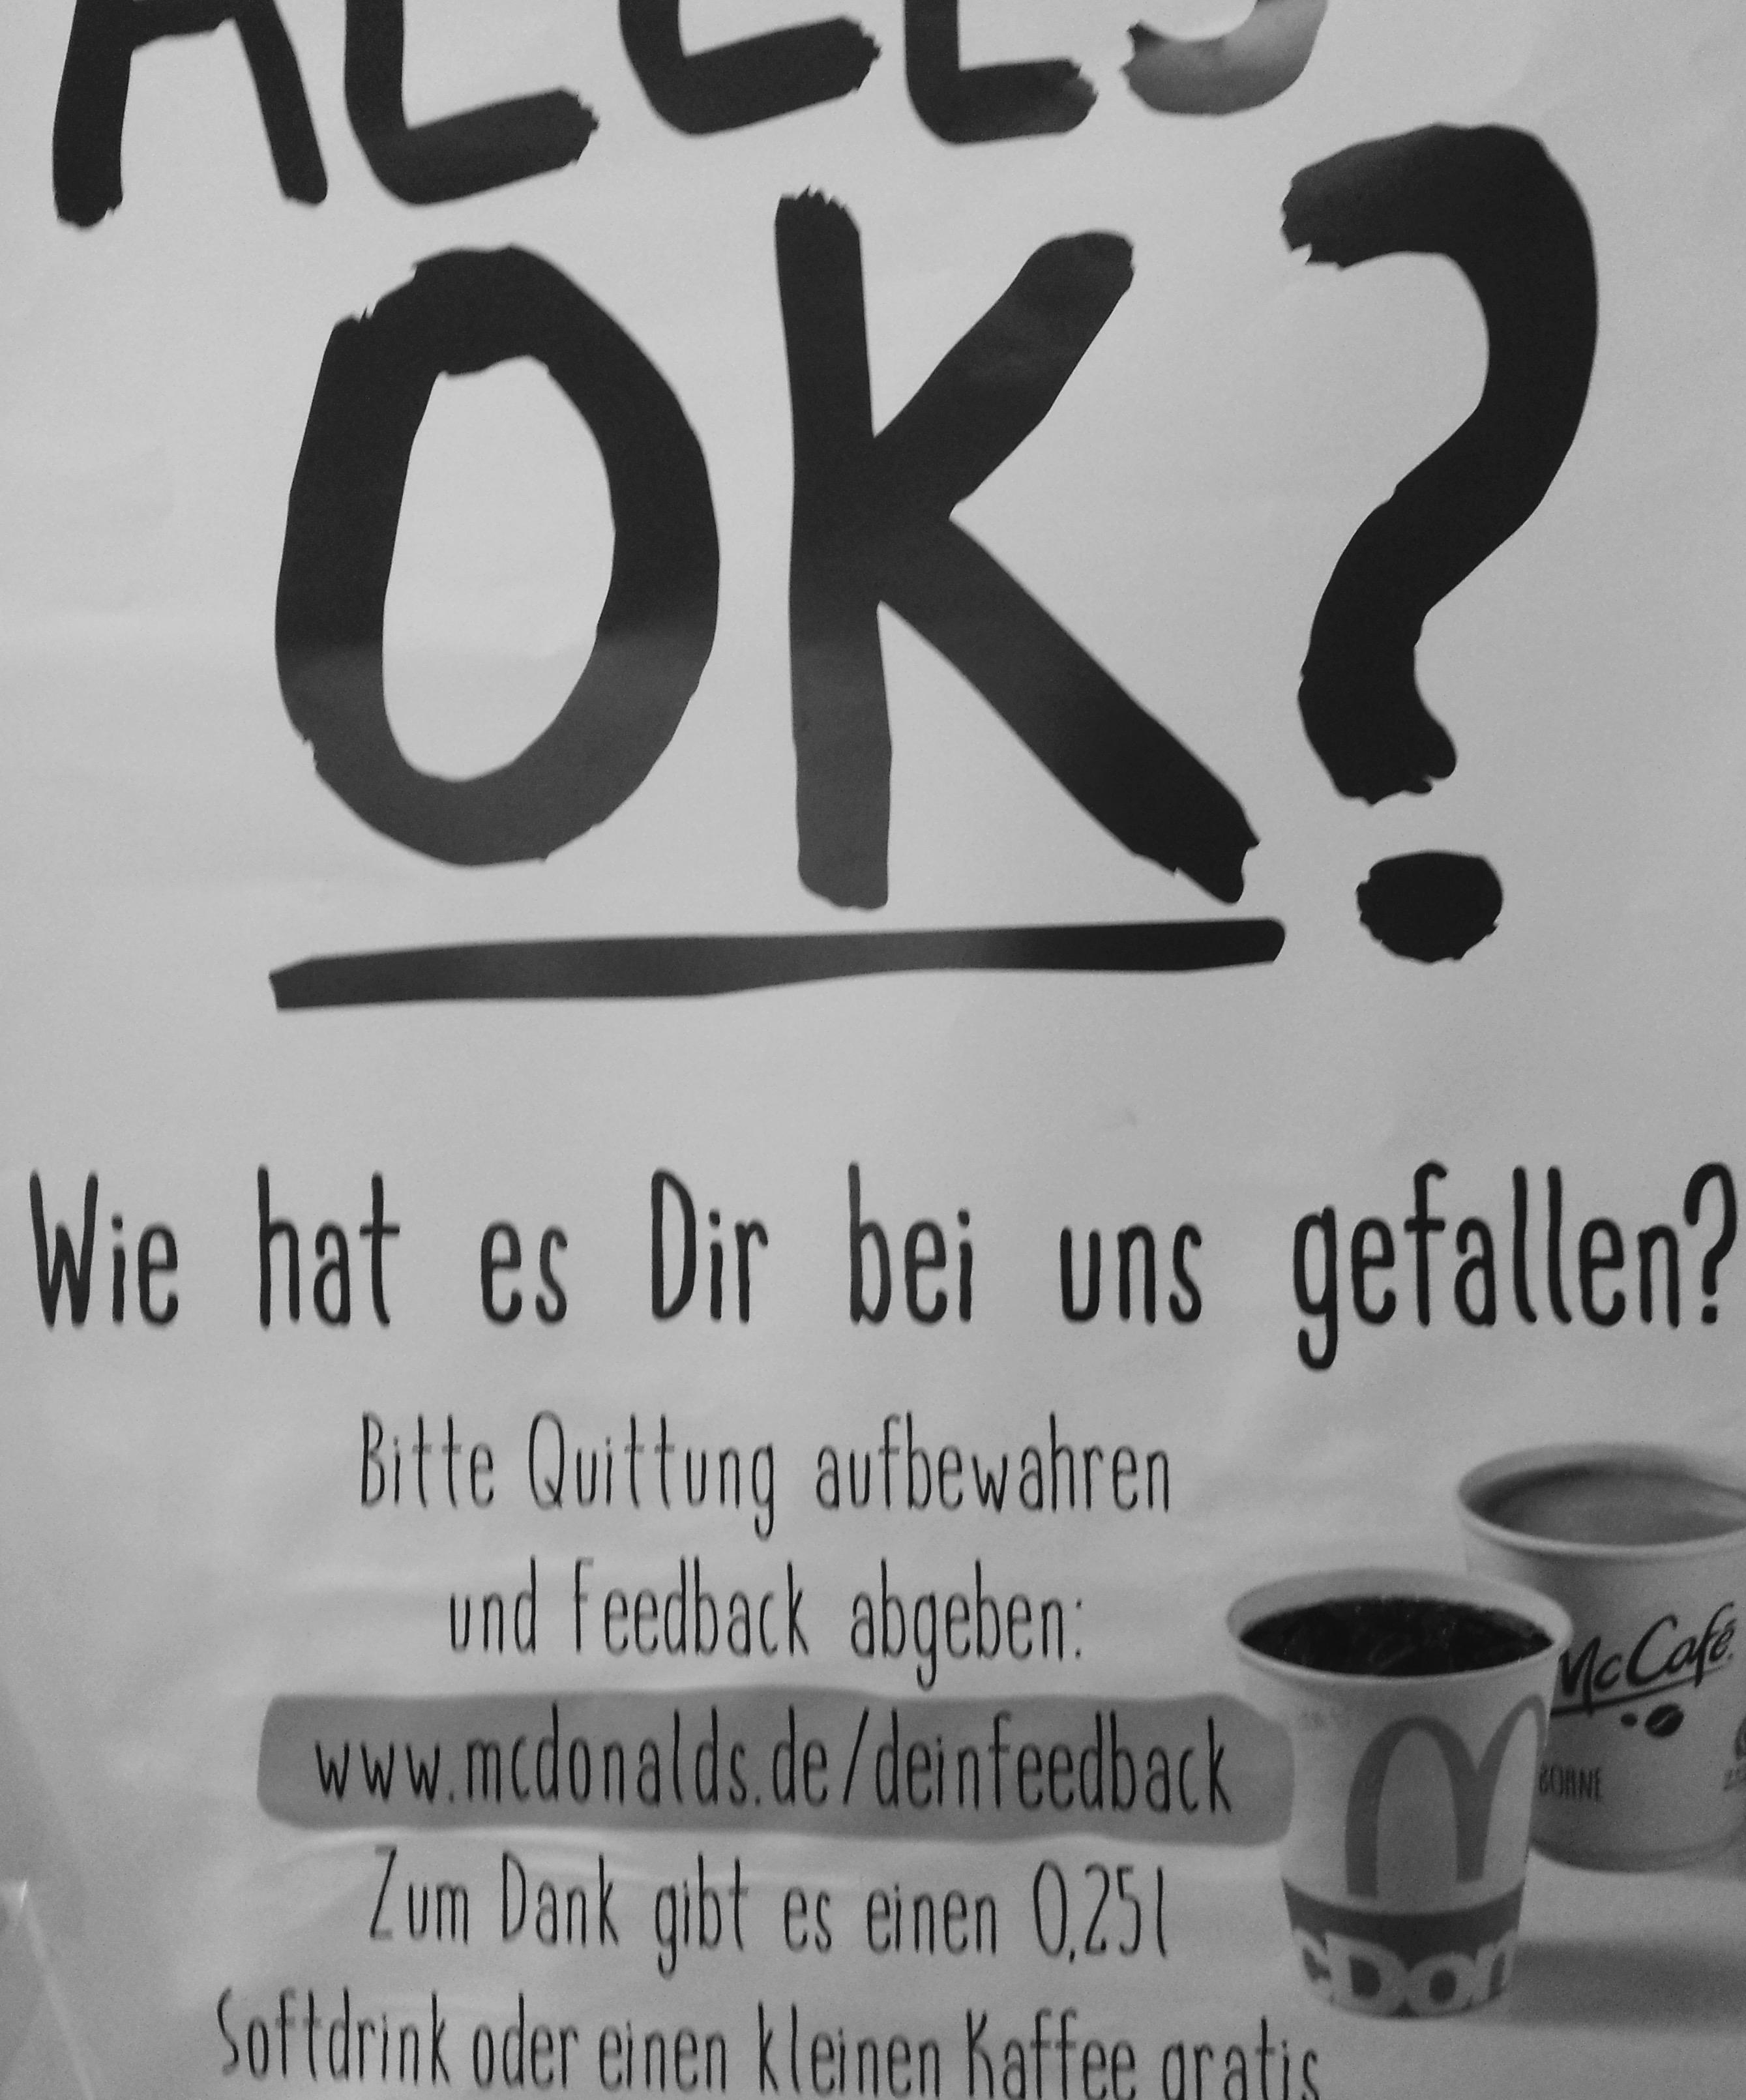 (Mc Donalds) Gratis Softdrink oder Kaffe für Feedback (Quittung nötig)